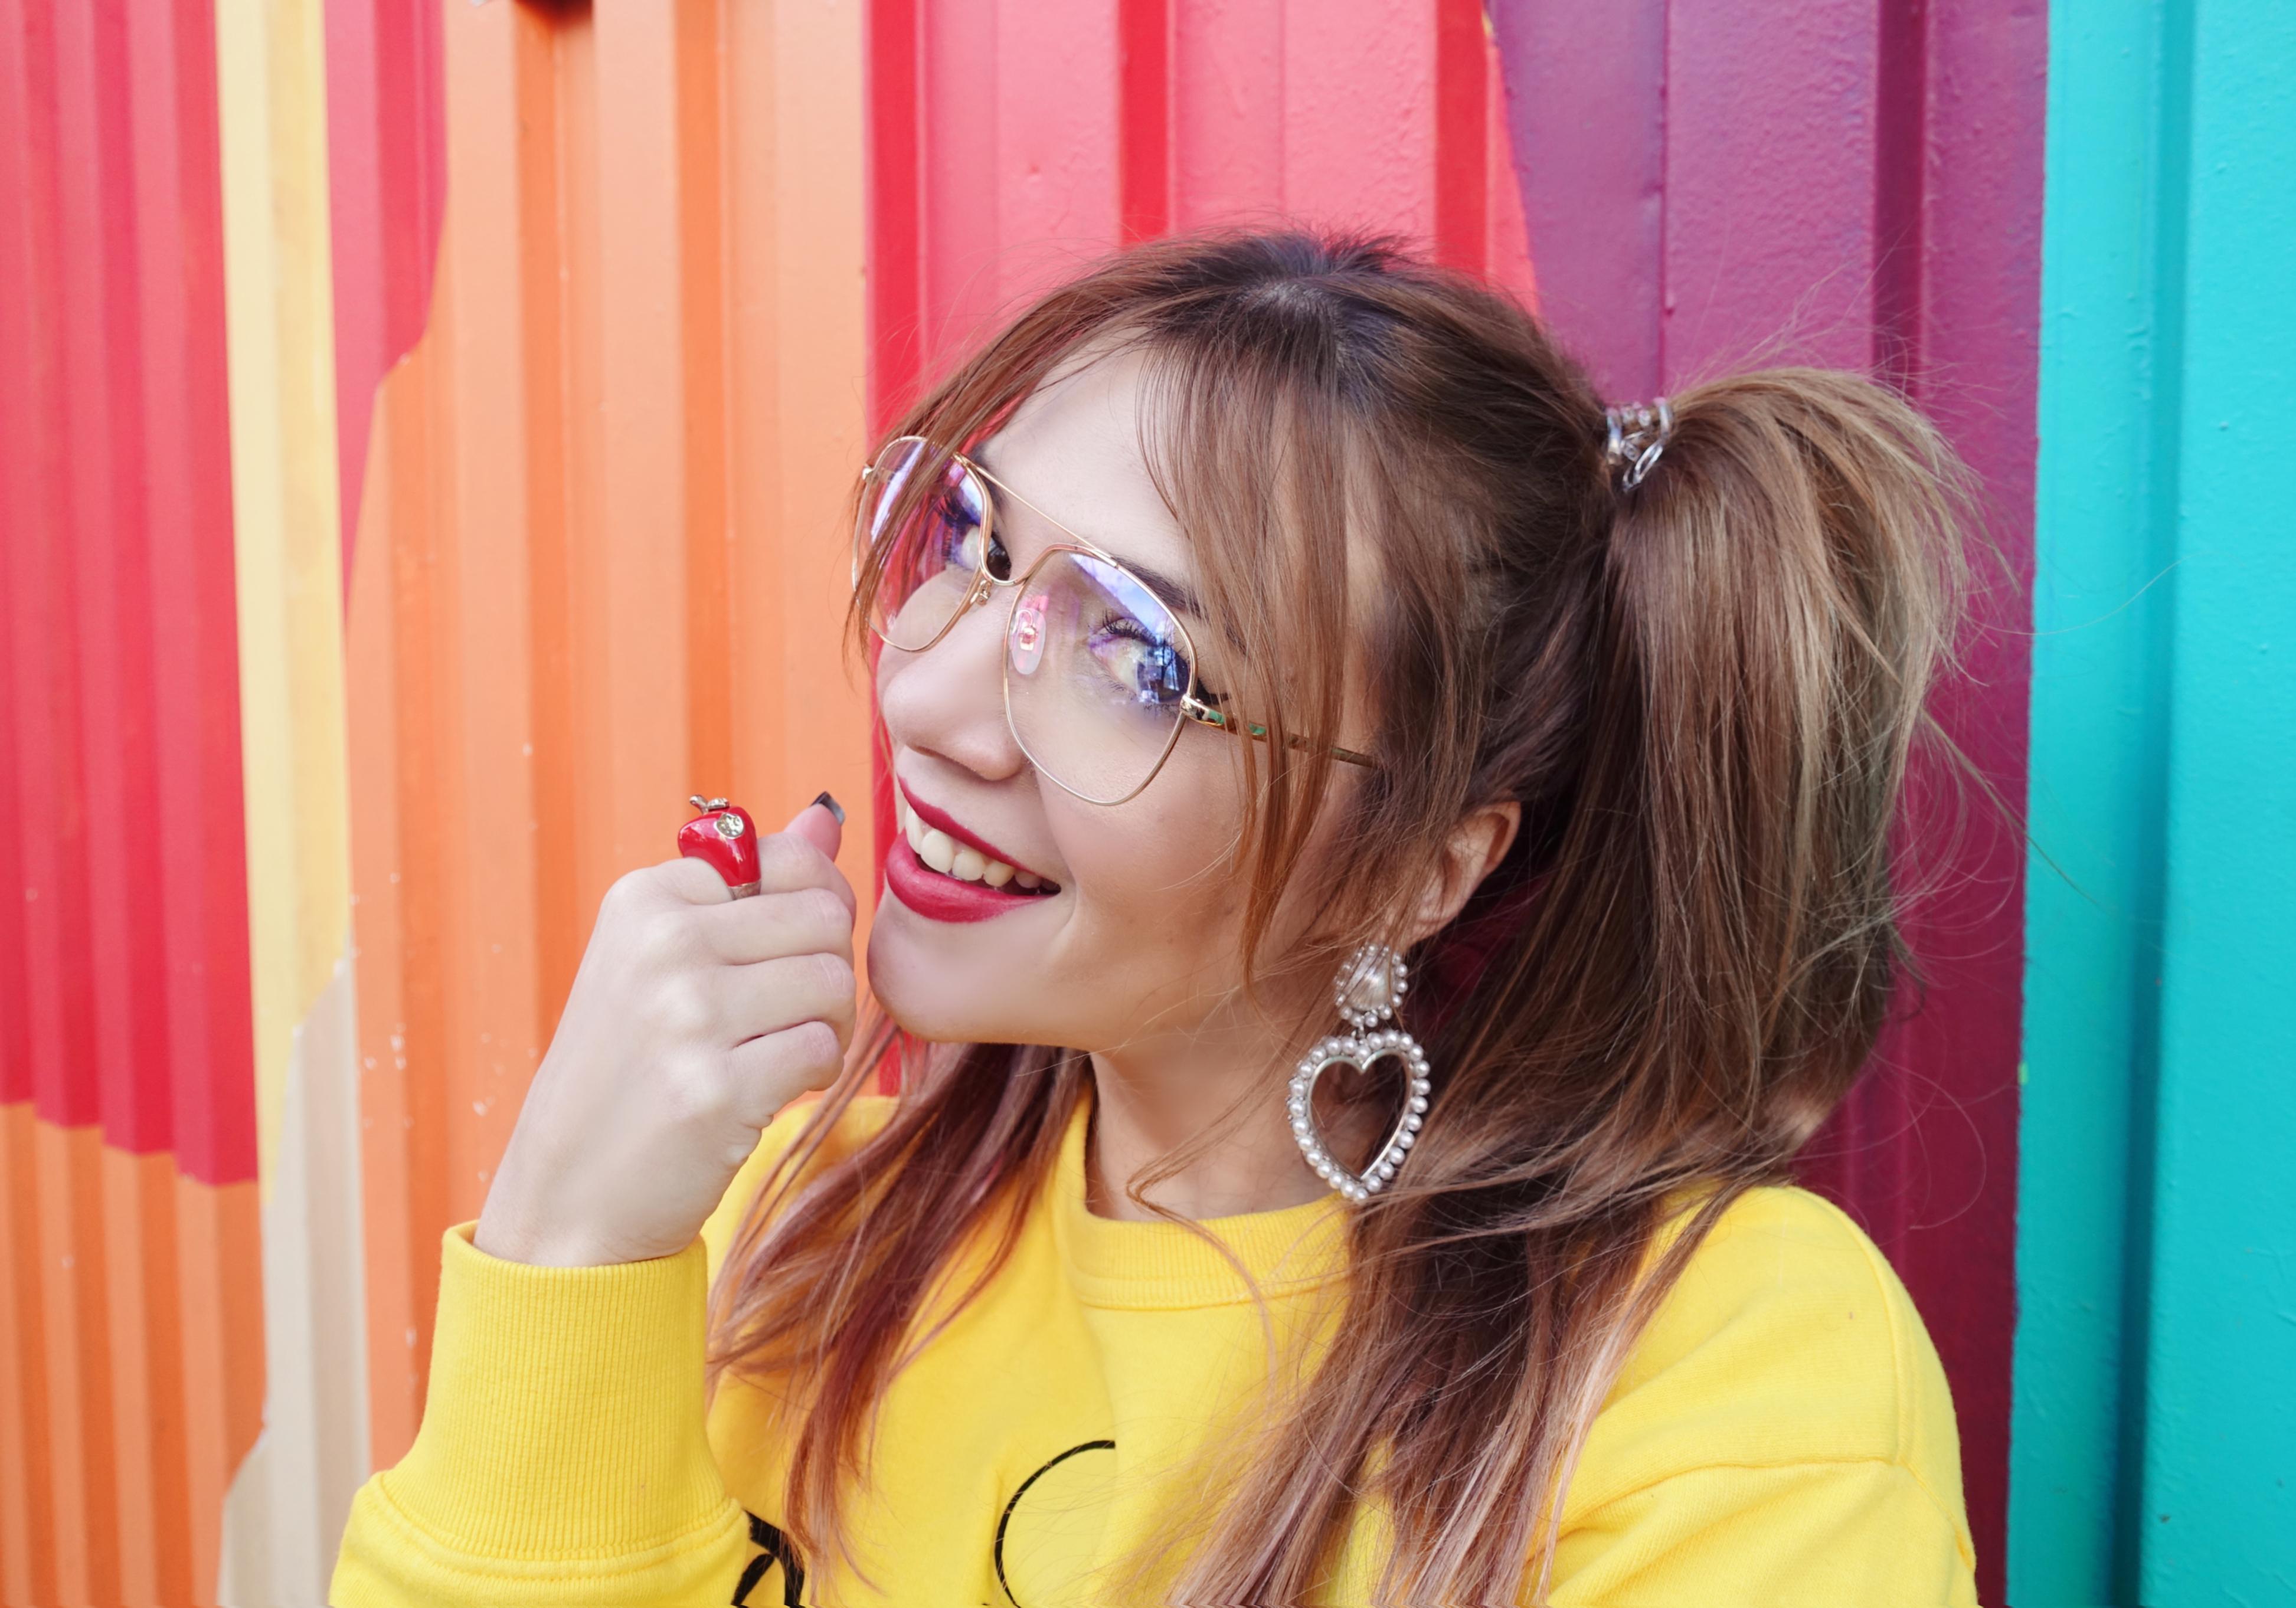 Anillos-de- frutas-blog-de-moda-Chicadicta-influencer-madrid-PiensaenChic-fashionista-90s-hairstyle-gafas-fashion-chic-adicta-Piensa-en-chic